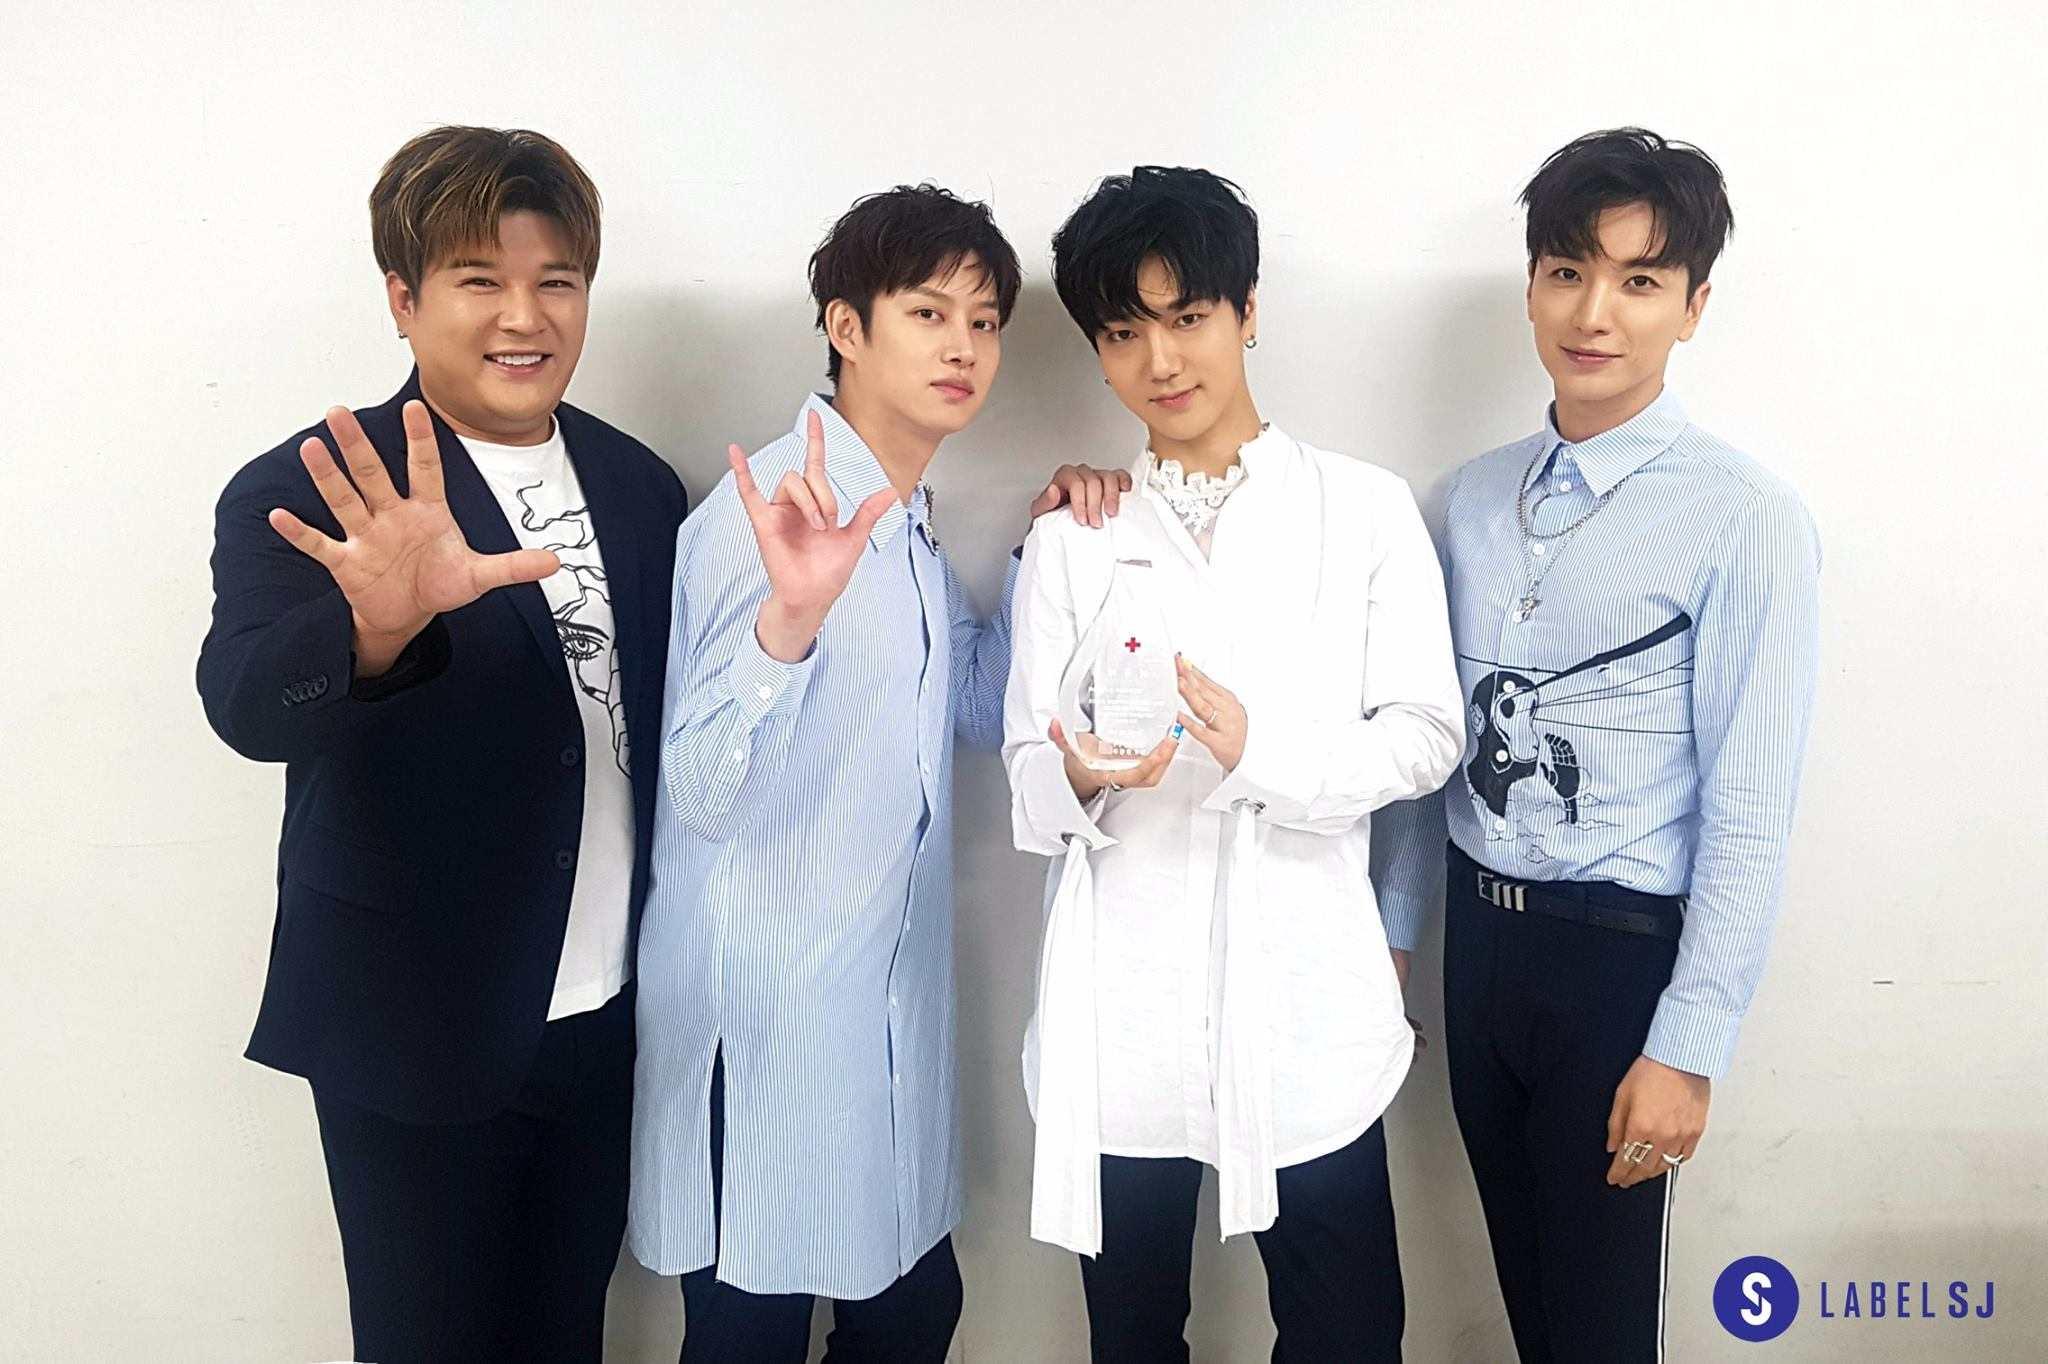 而先前據SM方面宣佈,SJ將在10月時,除了目前仍在服役的厲旭和圭賢,以及強仁、晟敏之外,以7人組的型態回歸。和先前Super Junior的《super show》見面會上只有4人的孤單情景相比,終於能以團體之姿登上舞台回歸,也讓這次的發片格外有意義